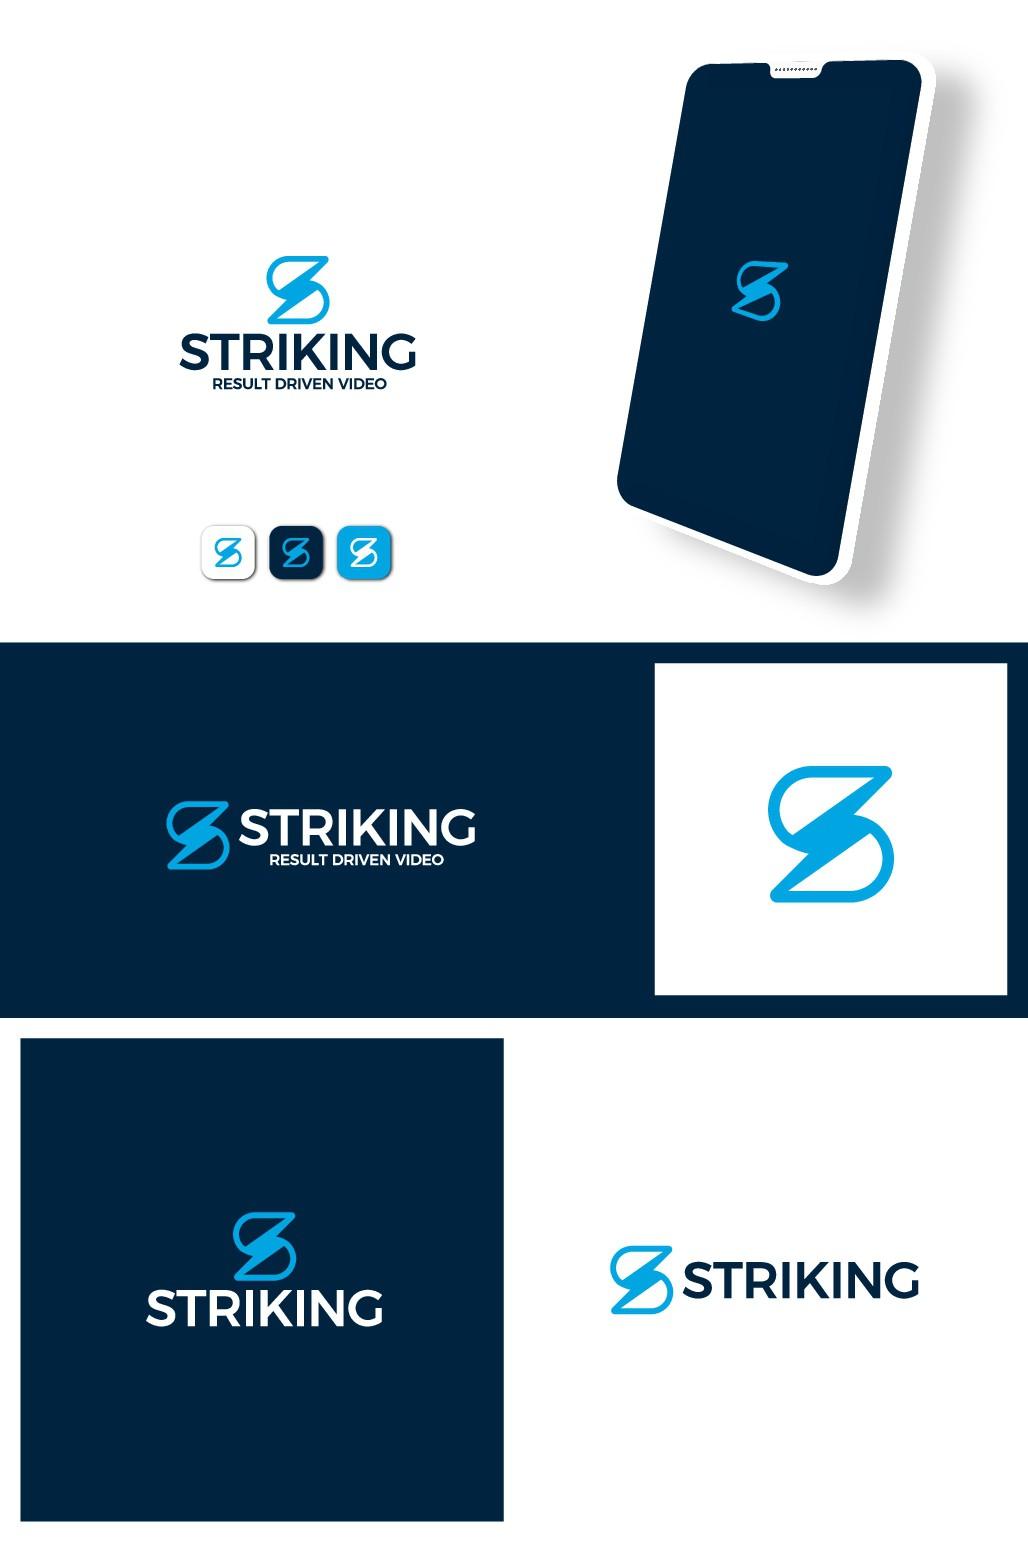 Striking company called Striking needs striking logo!